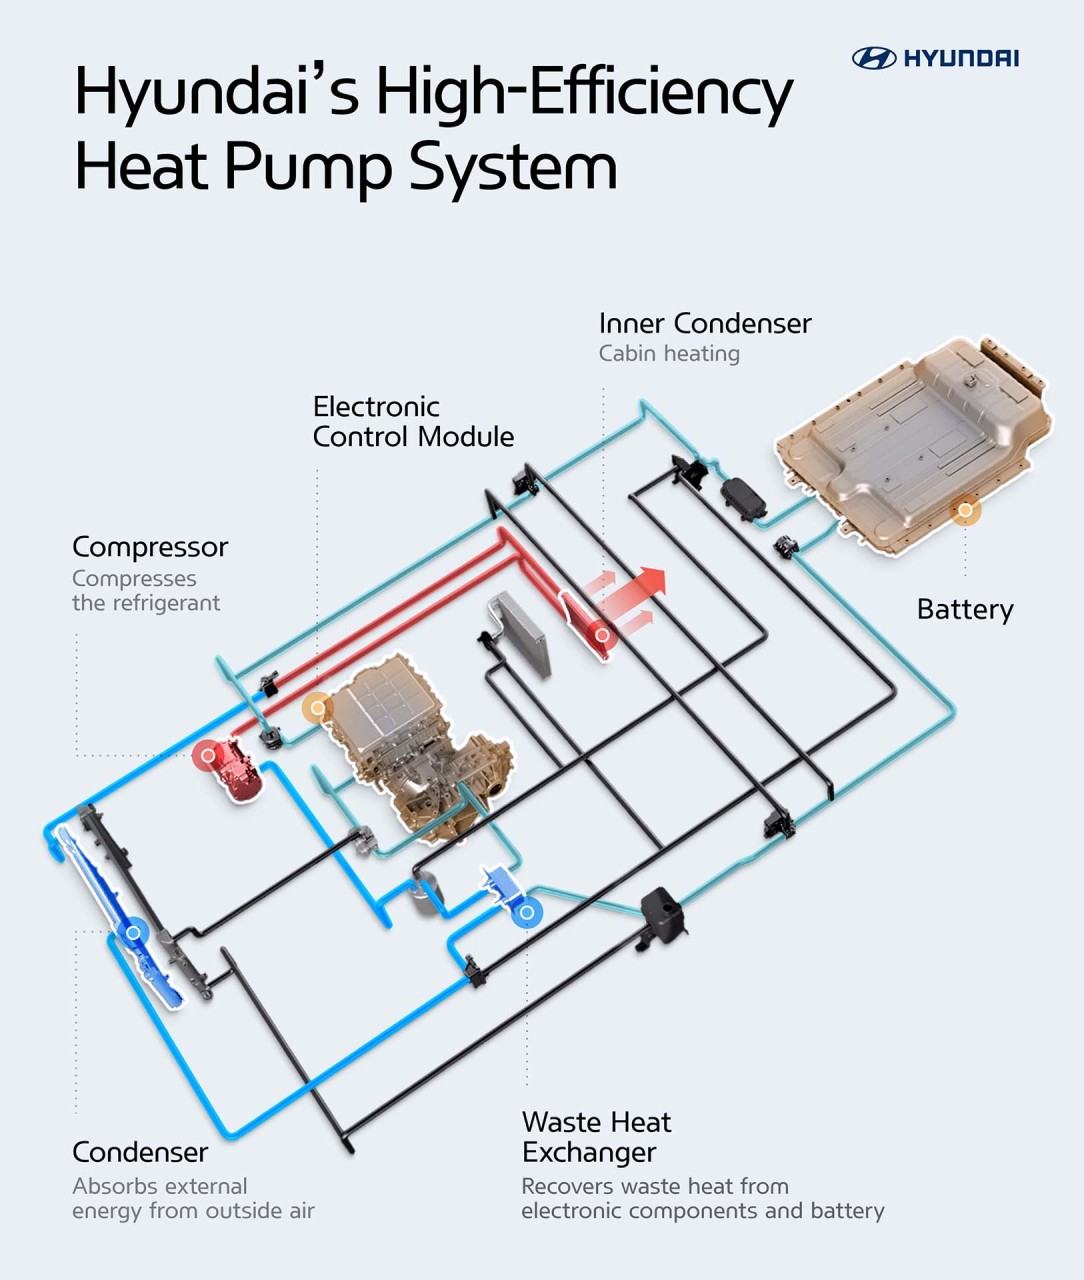 Hyundai_Heat pump_Infographic 10